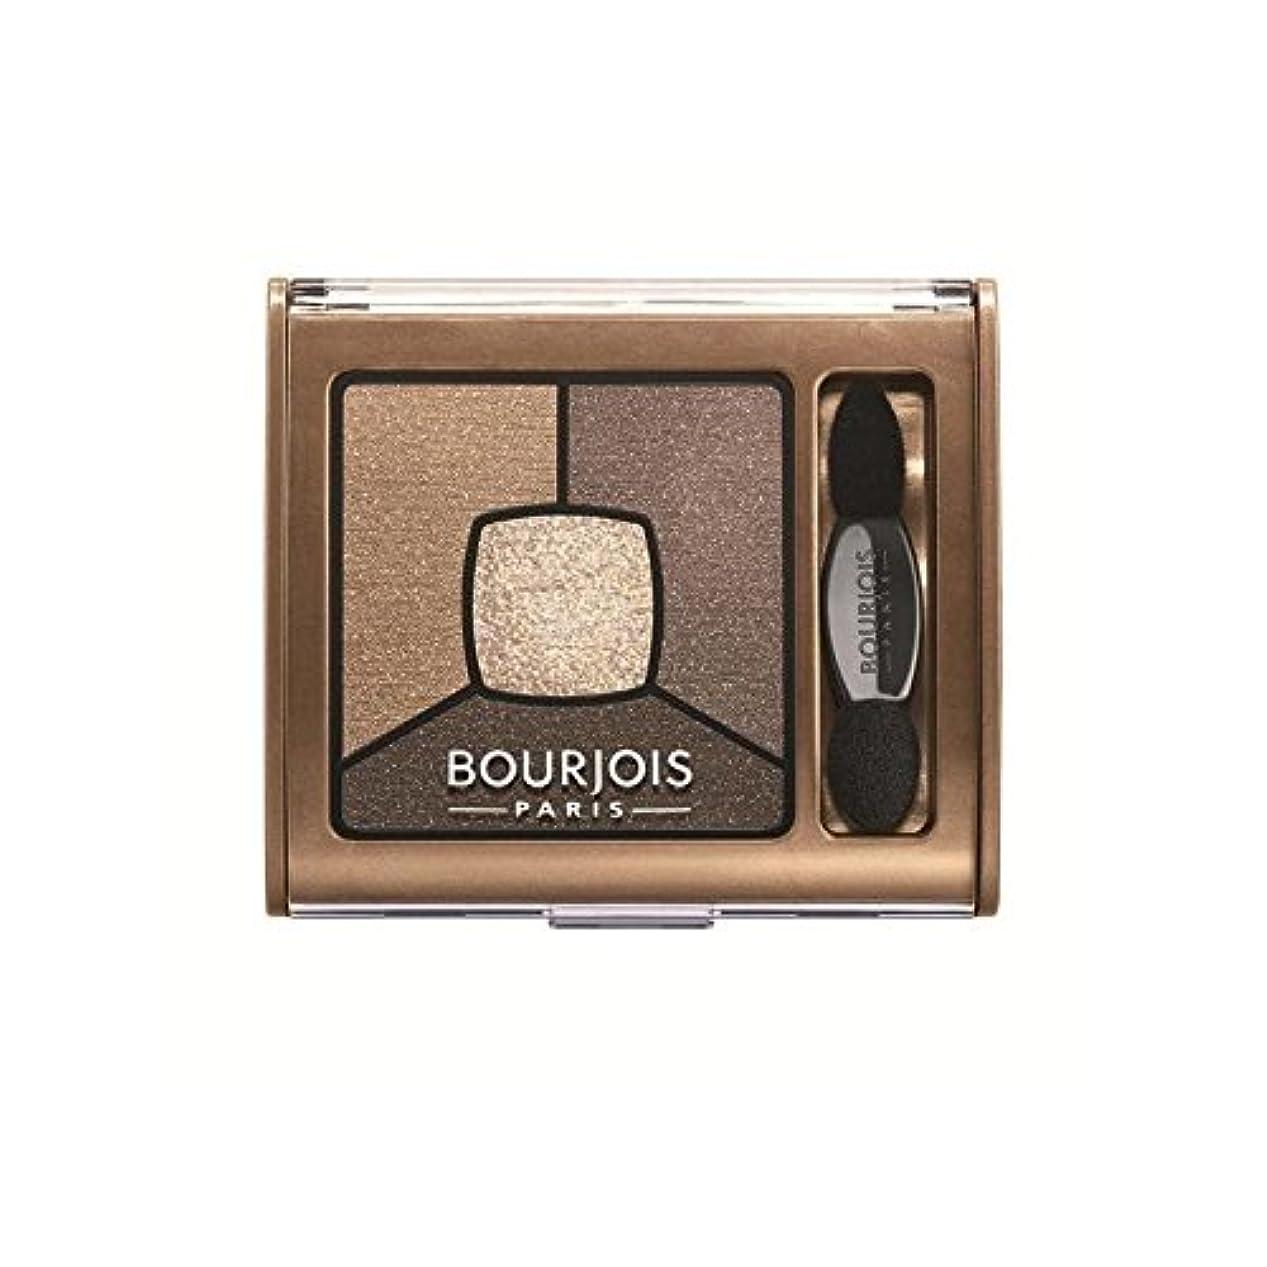 ブルジョワクワッドスモーキー物語は逆さま茶色のアイシャドウ x2 - Bourjois Quad Smoky Stories Eyeshadow Upside Brown (Pack of 2) [並行輸入品]